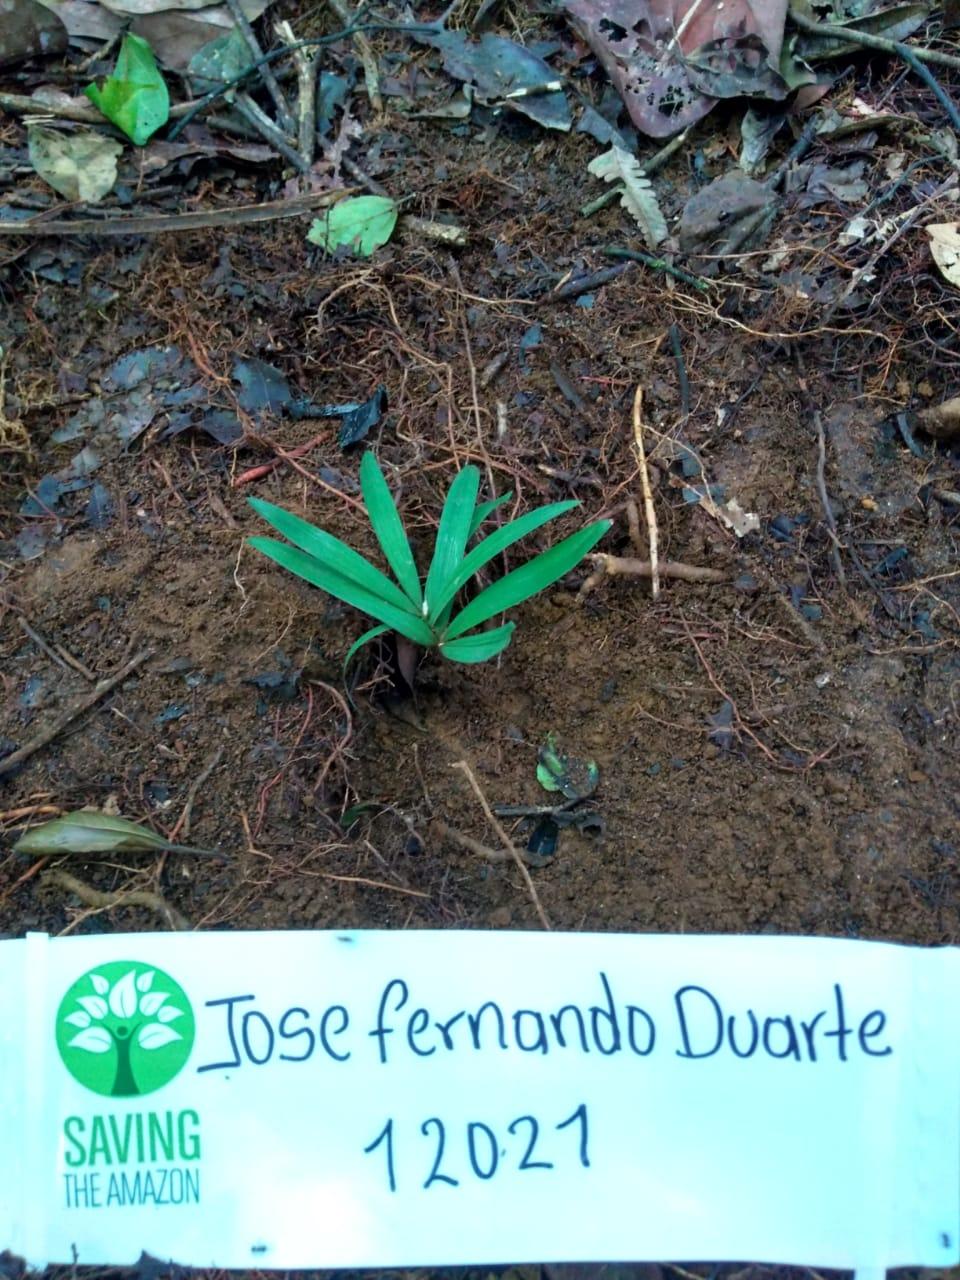 Jose Fernando Duarte